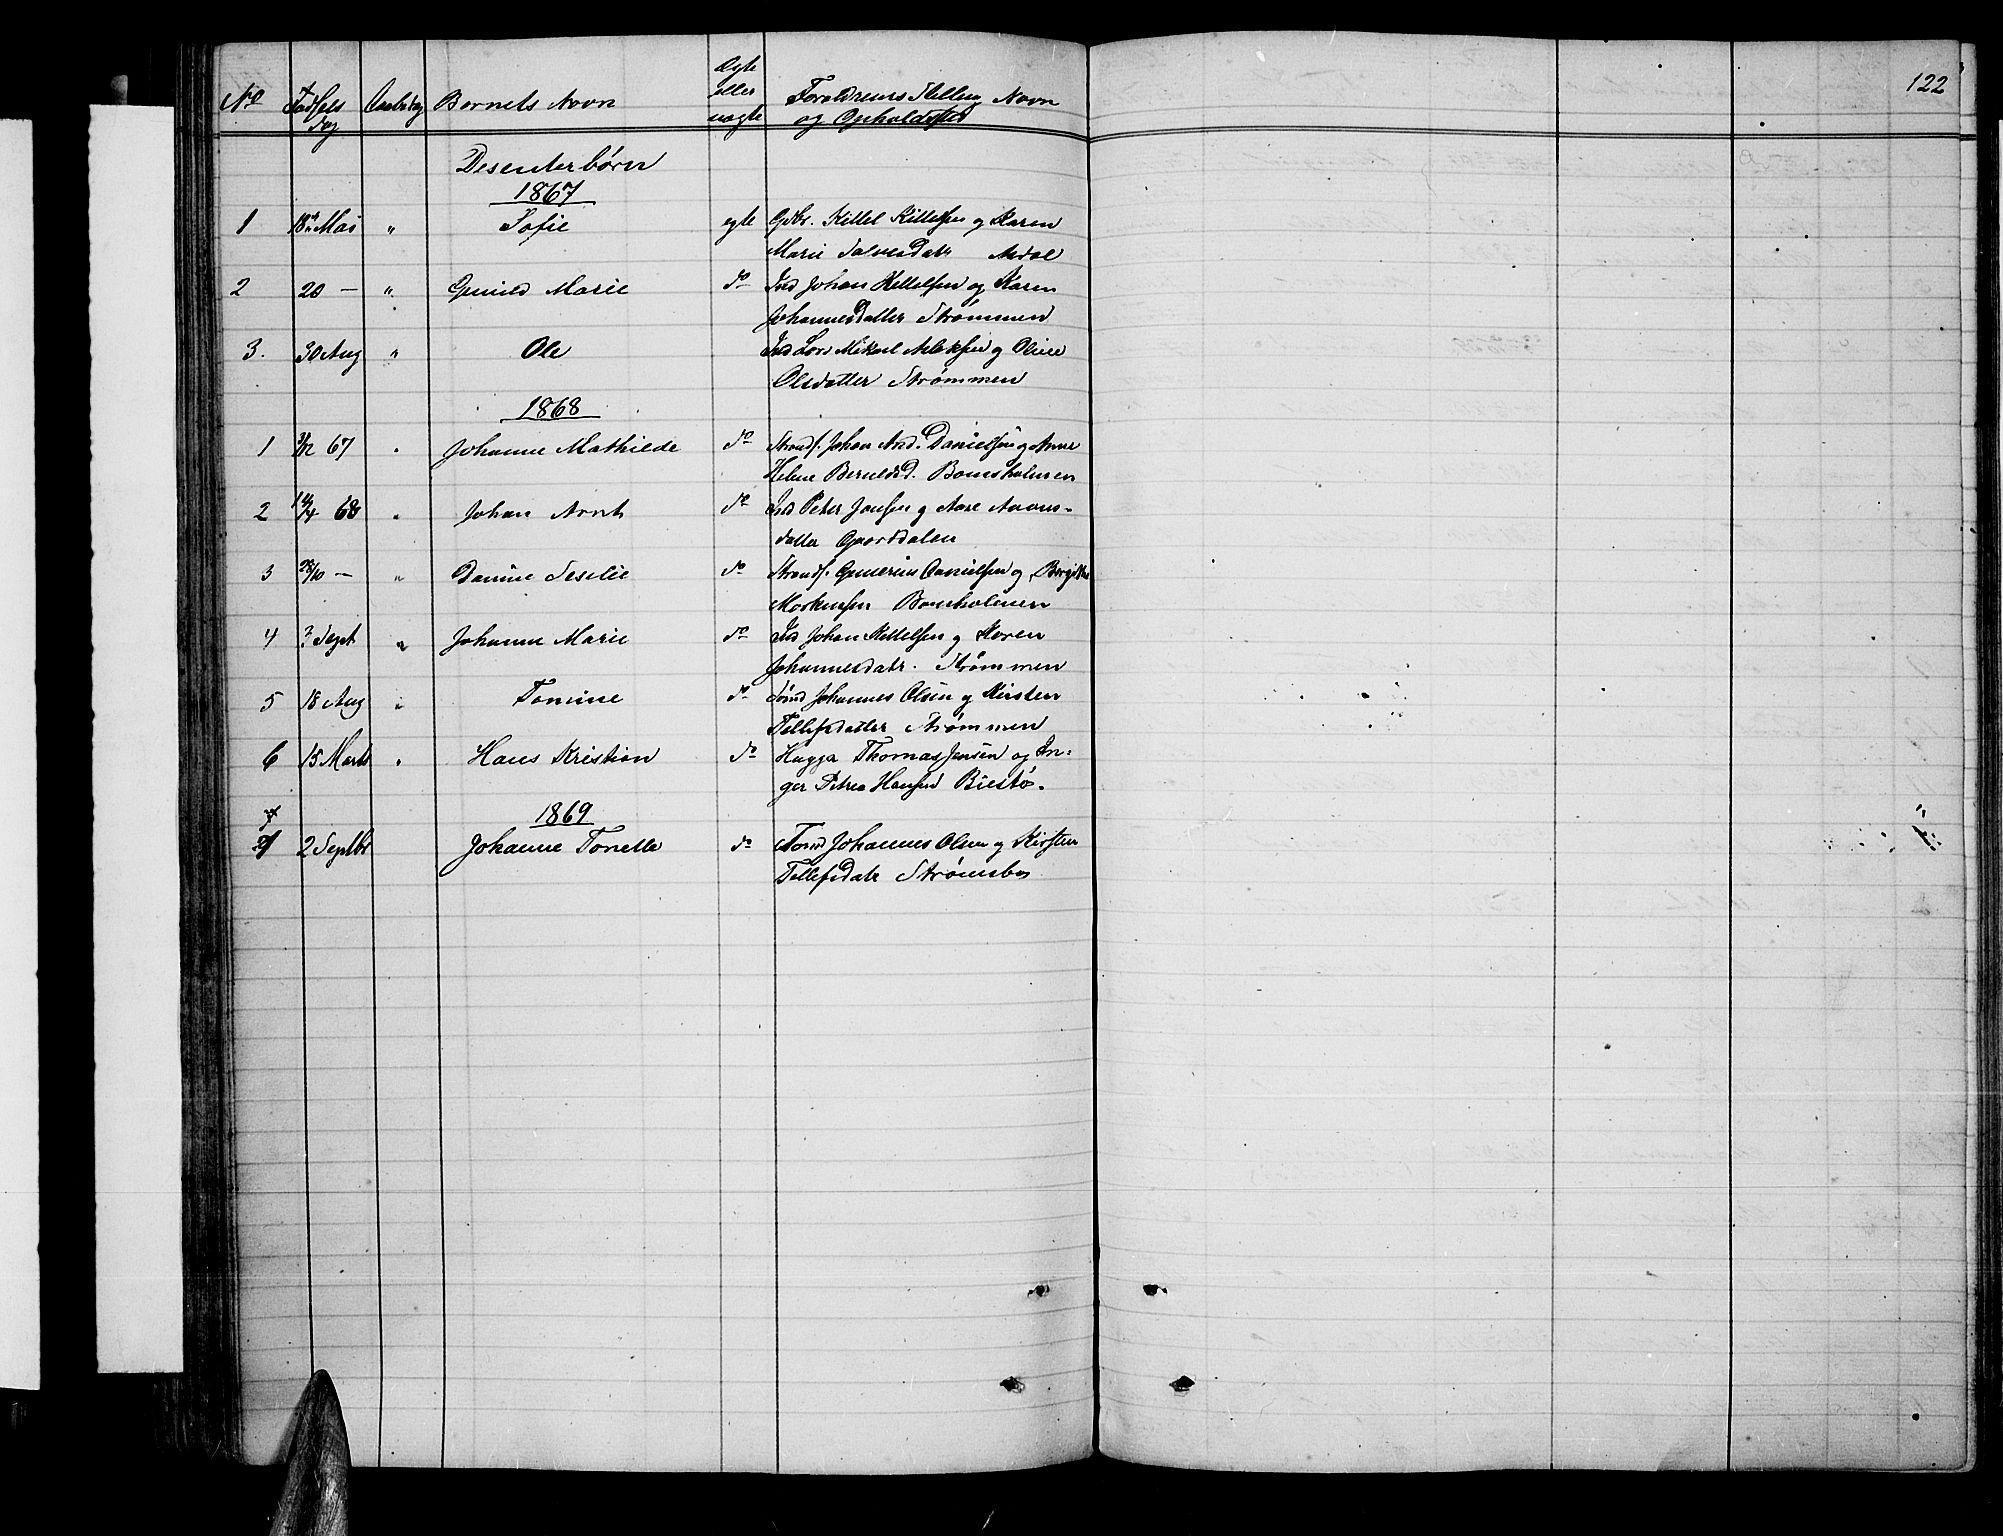 SAK, Øyestad sokneprestkontor, F/Fb/L0007: Klokkerbok nr. B 7, 1854-1872, s. 122